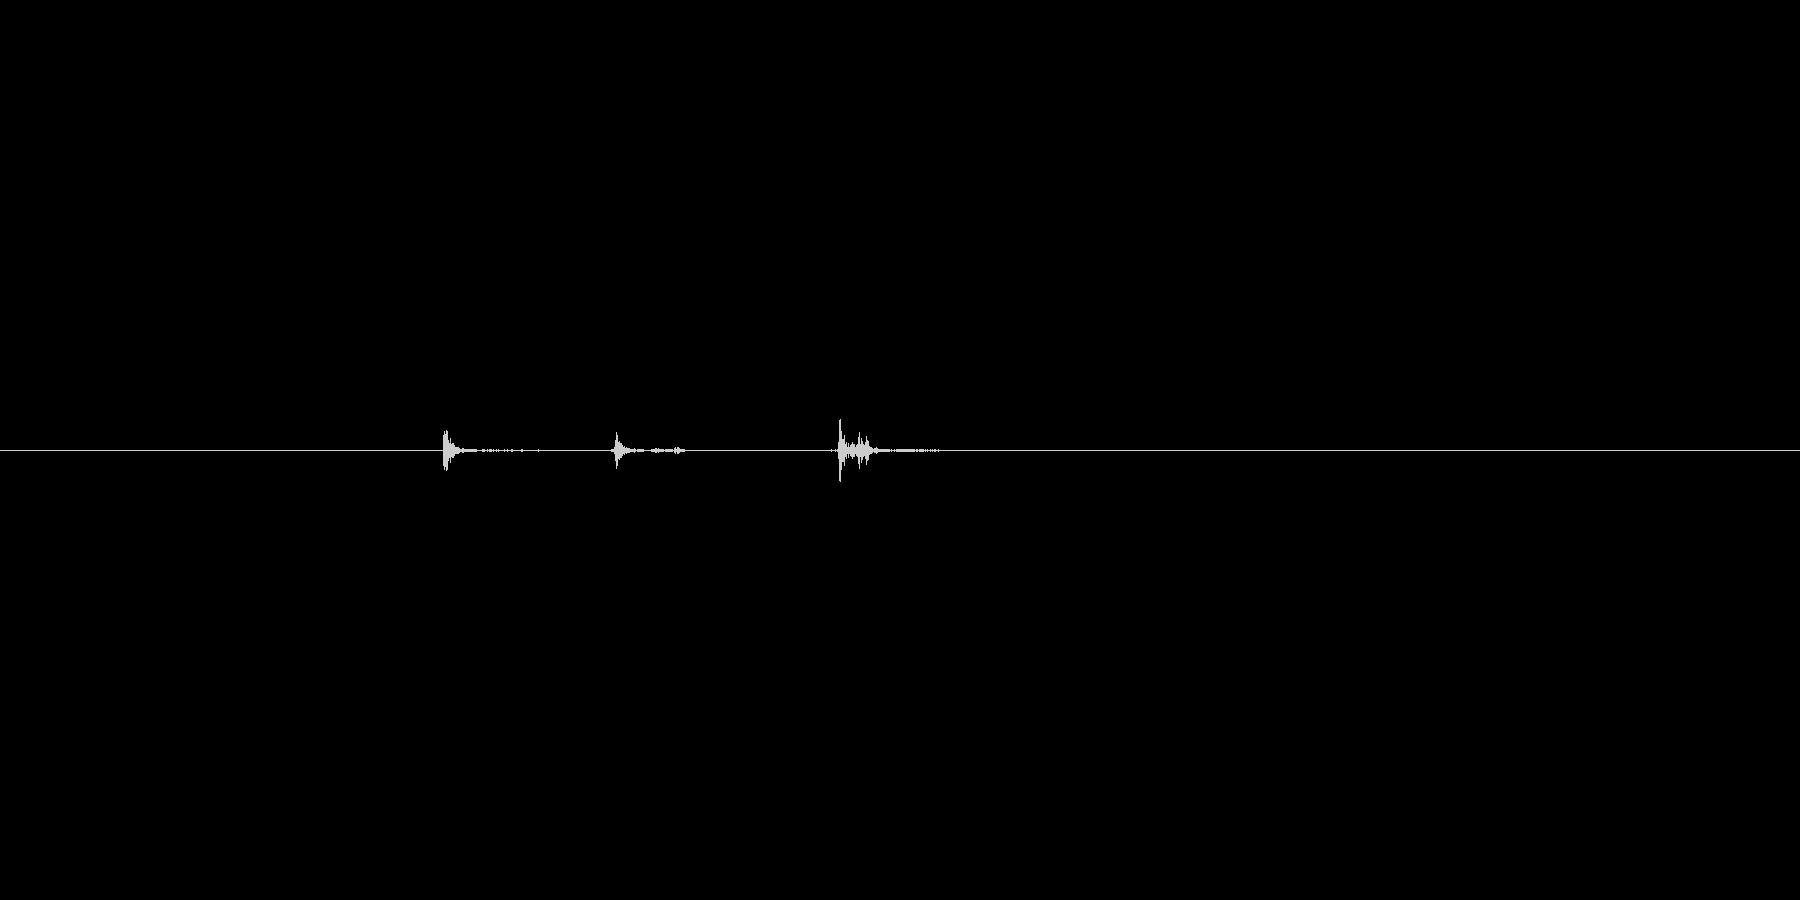 ハンドガン。照準合わせや動作音。の未再生の波形